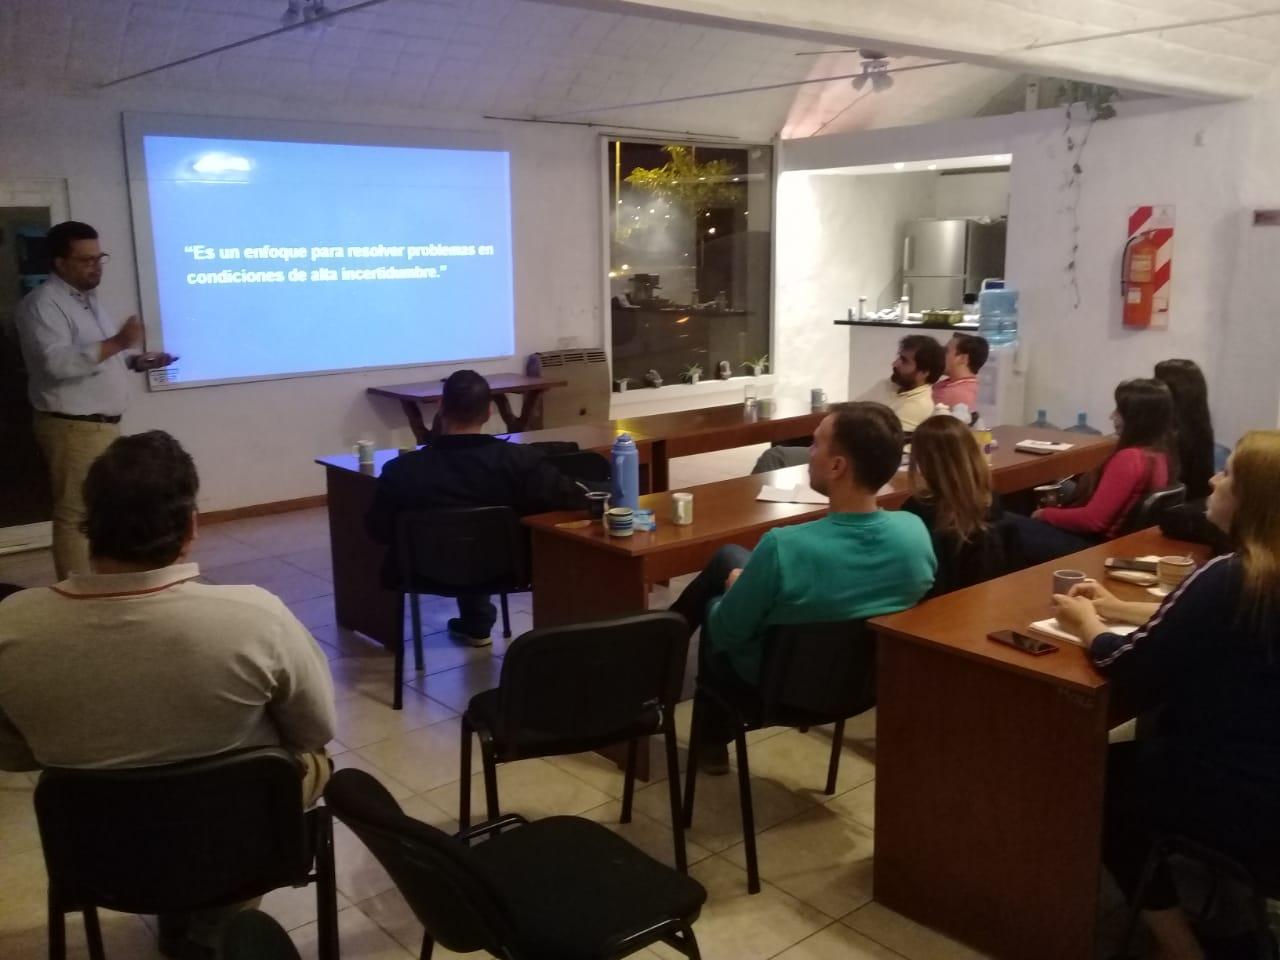 Se desarrolló una charla sobre Design Thinking en COPROCIER